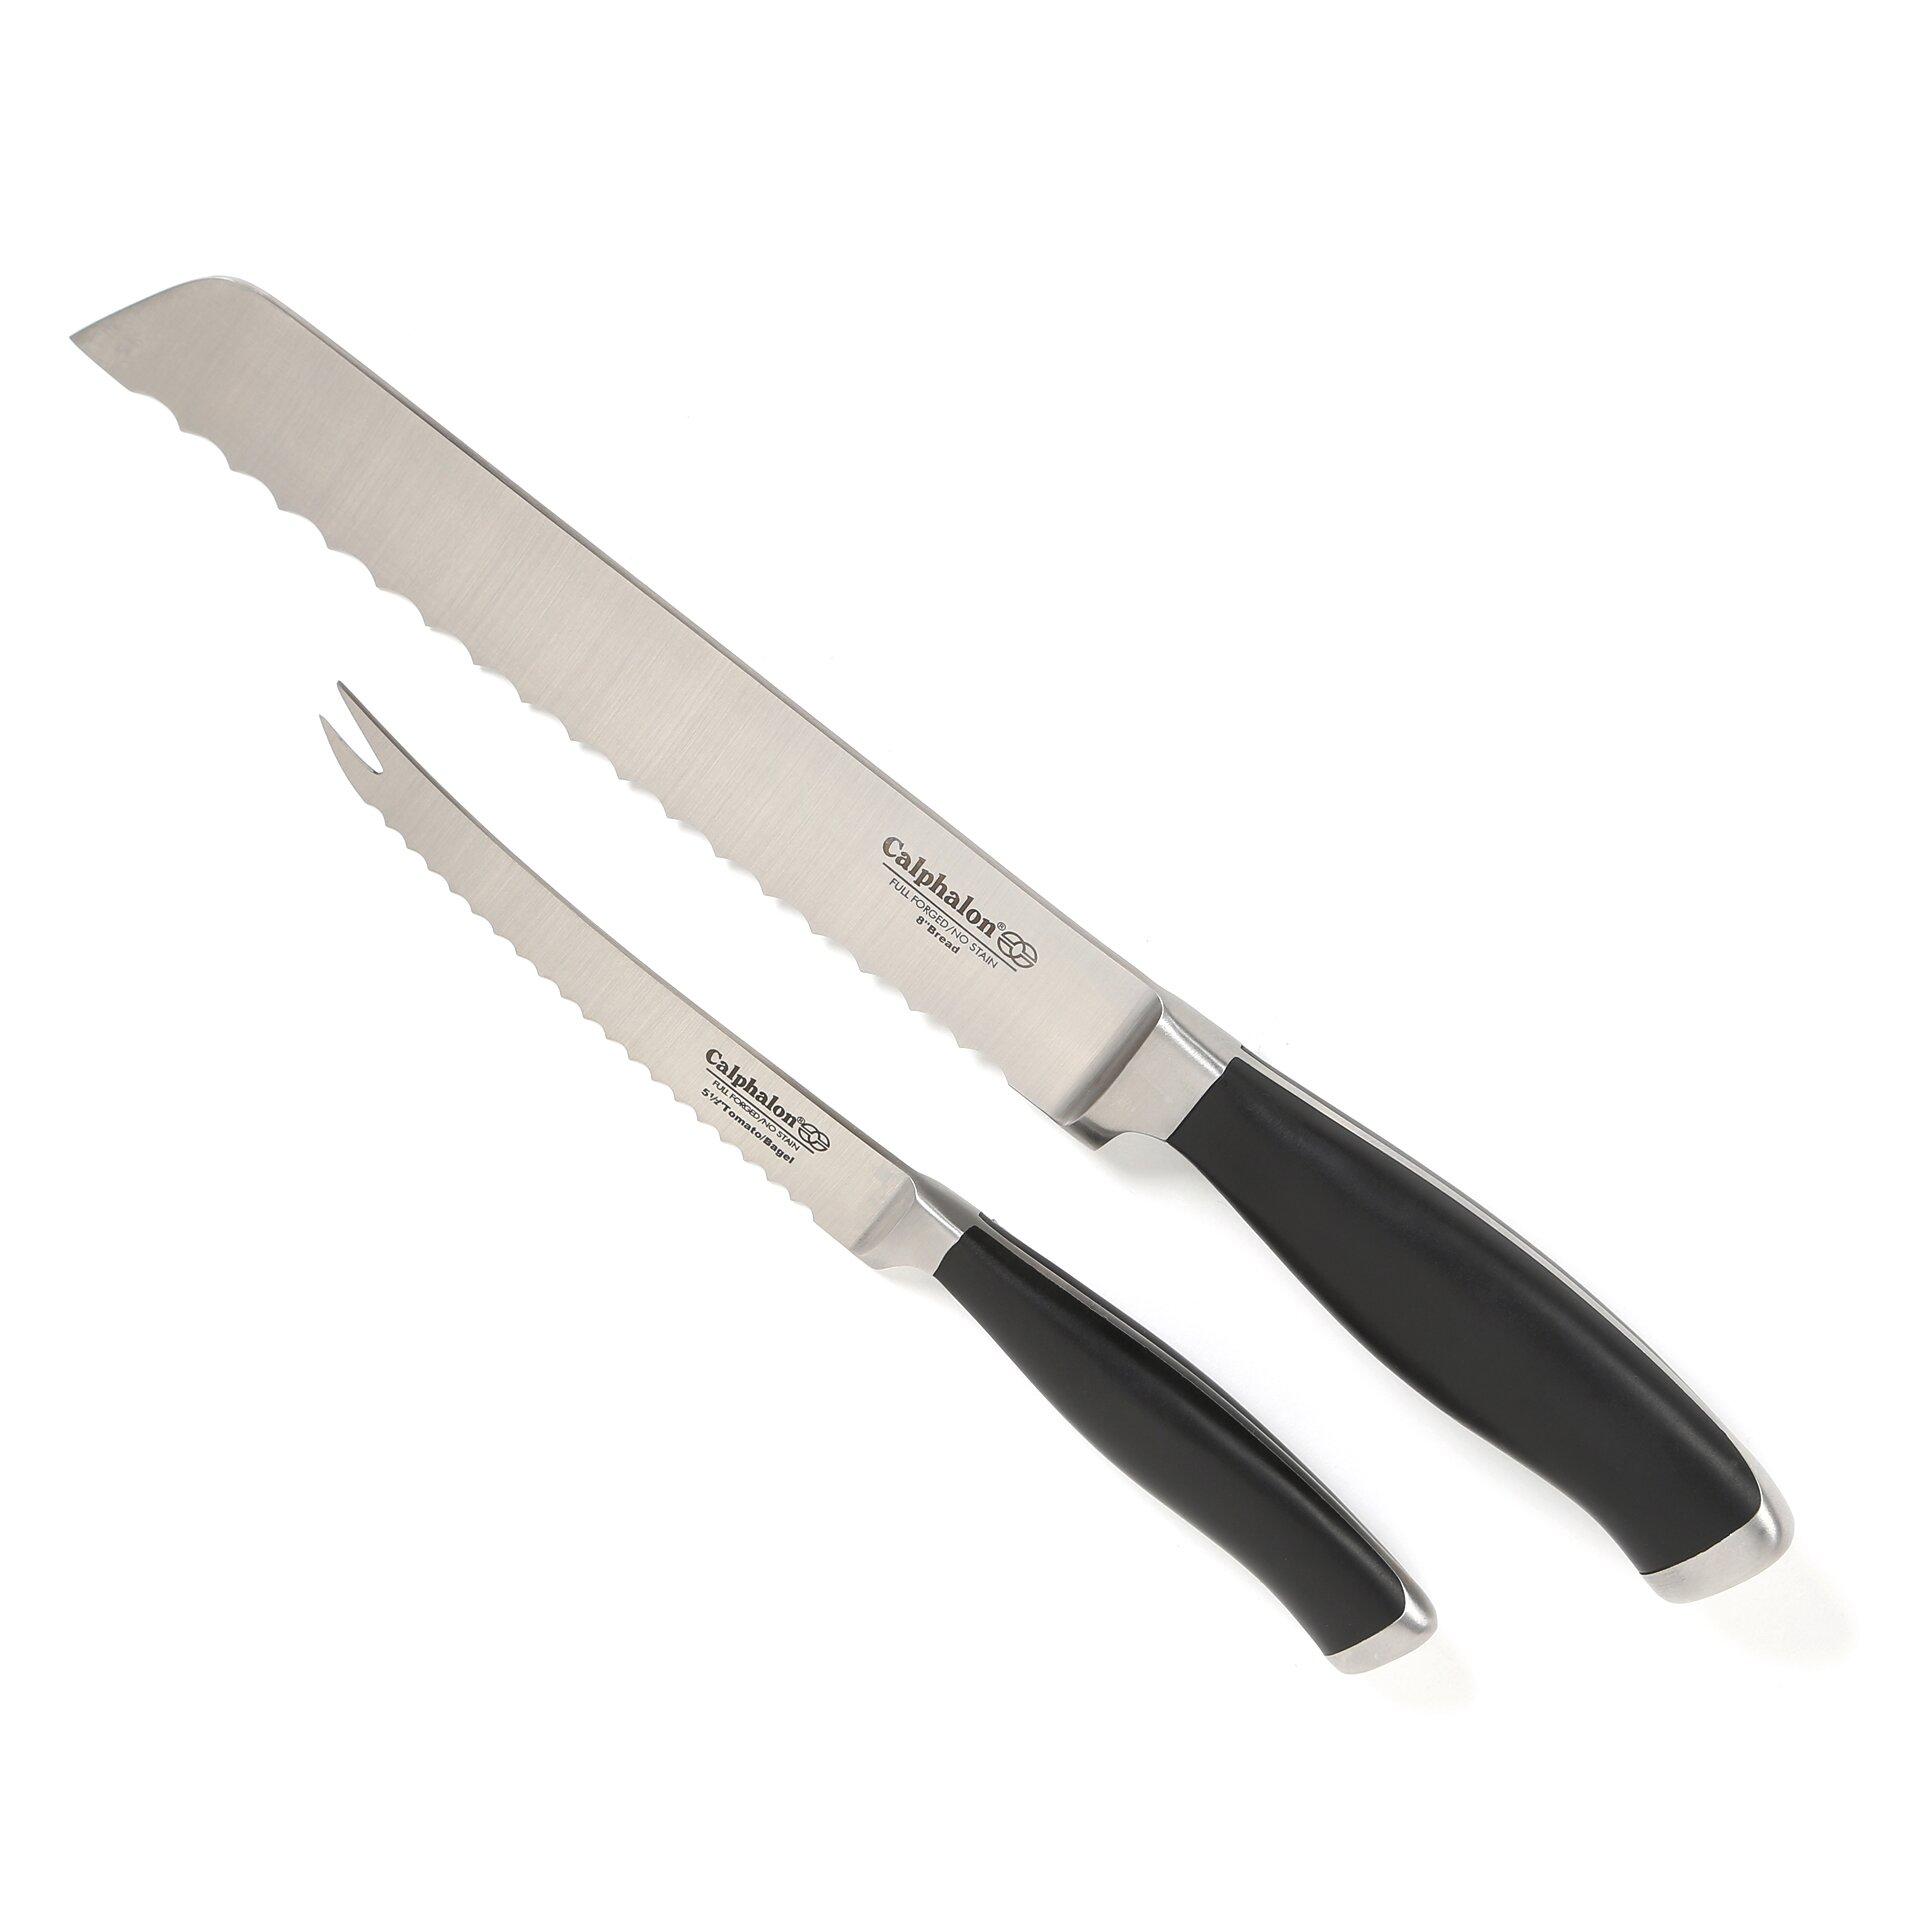 calphalon calphalon cutlery tomato amp bread knife set in calphalon contemporary cutlery 2 piece paring knife set